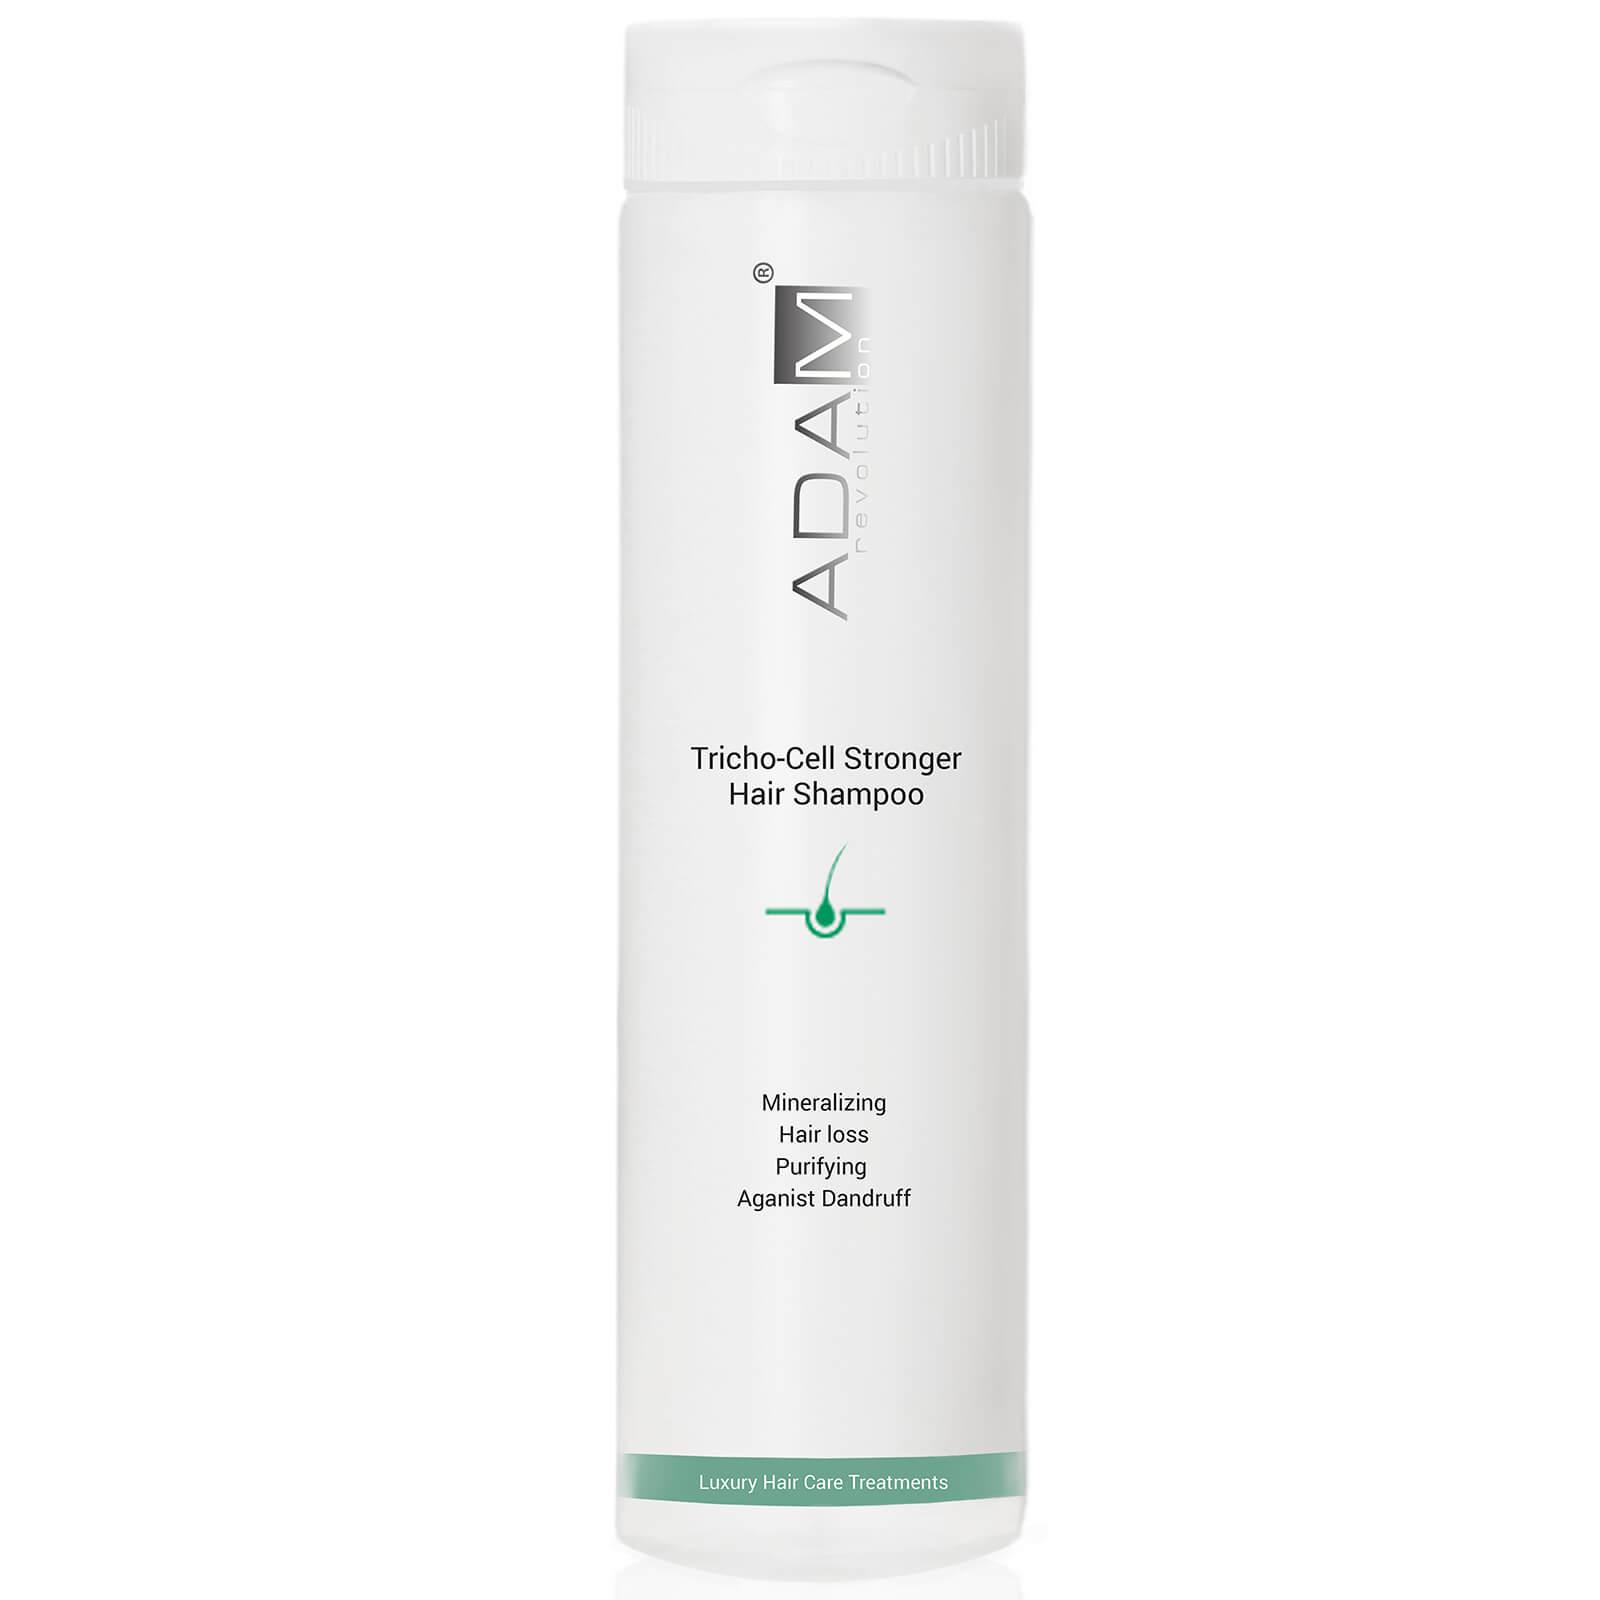 Adam Revolution Tricho Cell Stronger Hair Shampoo Beautyexpert Clear Strong Soft Women 170 Ml Product Description